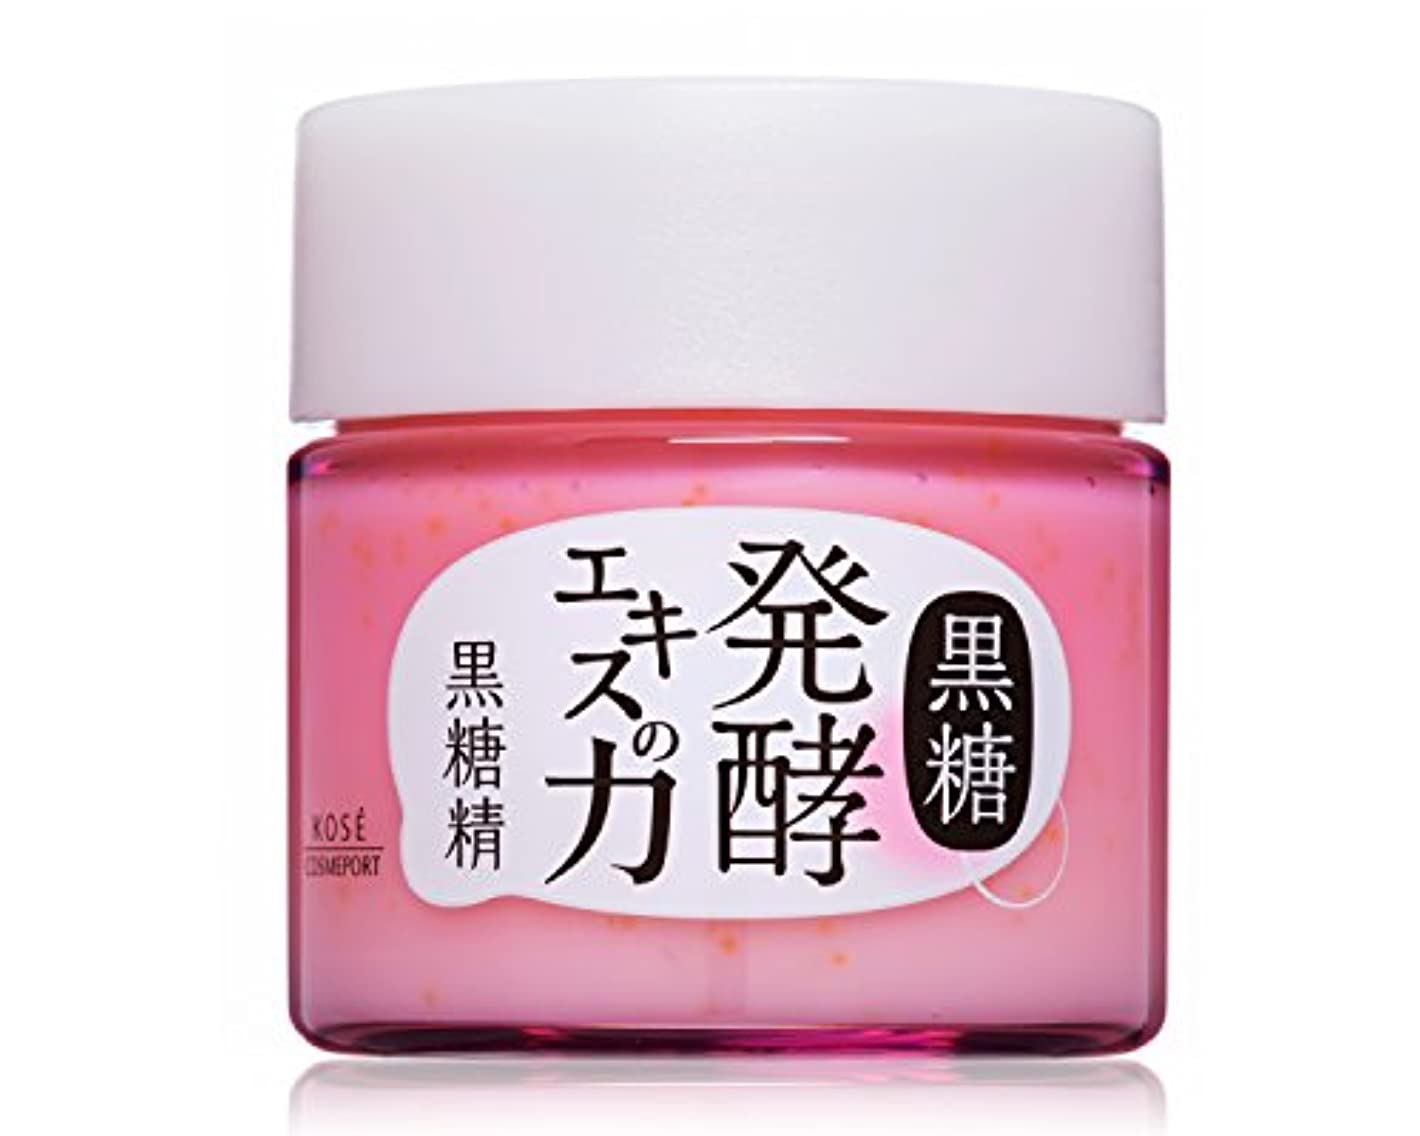 アストロラーベ制限するマインドフルKOSE コーセー 黒糖精 美容液 オイルinクリーム 80g